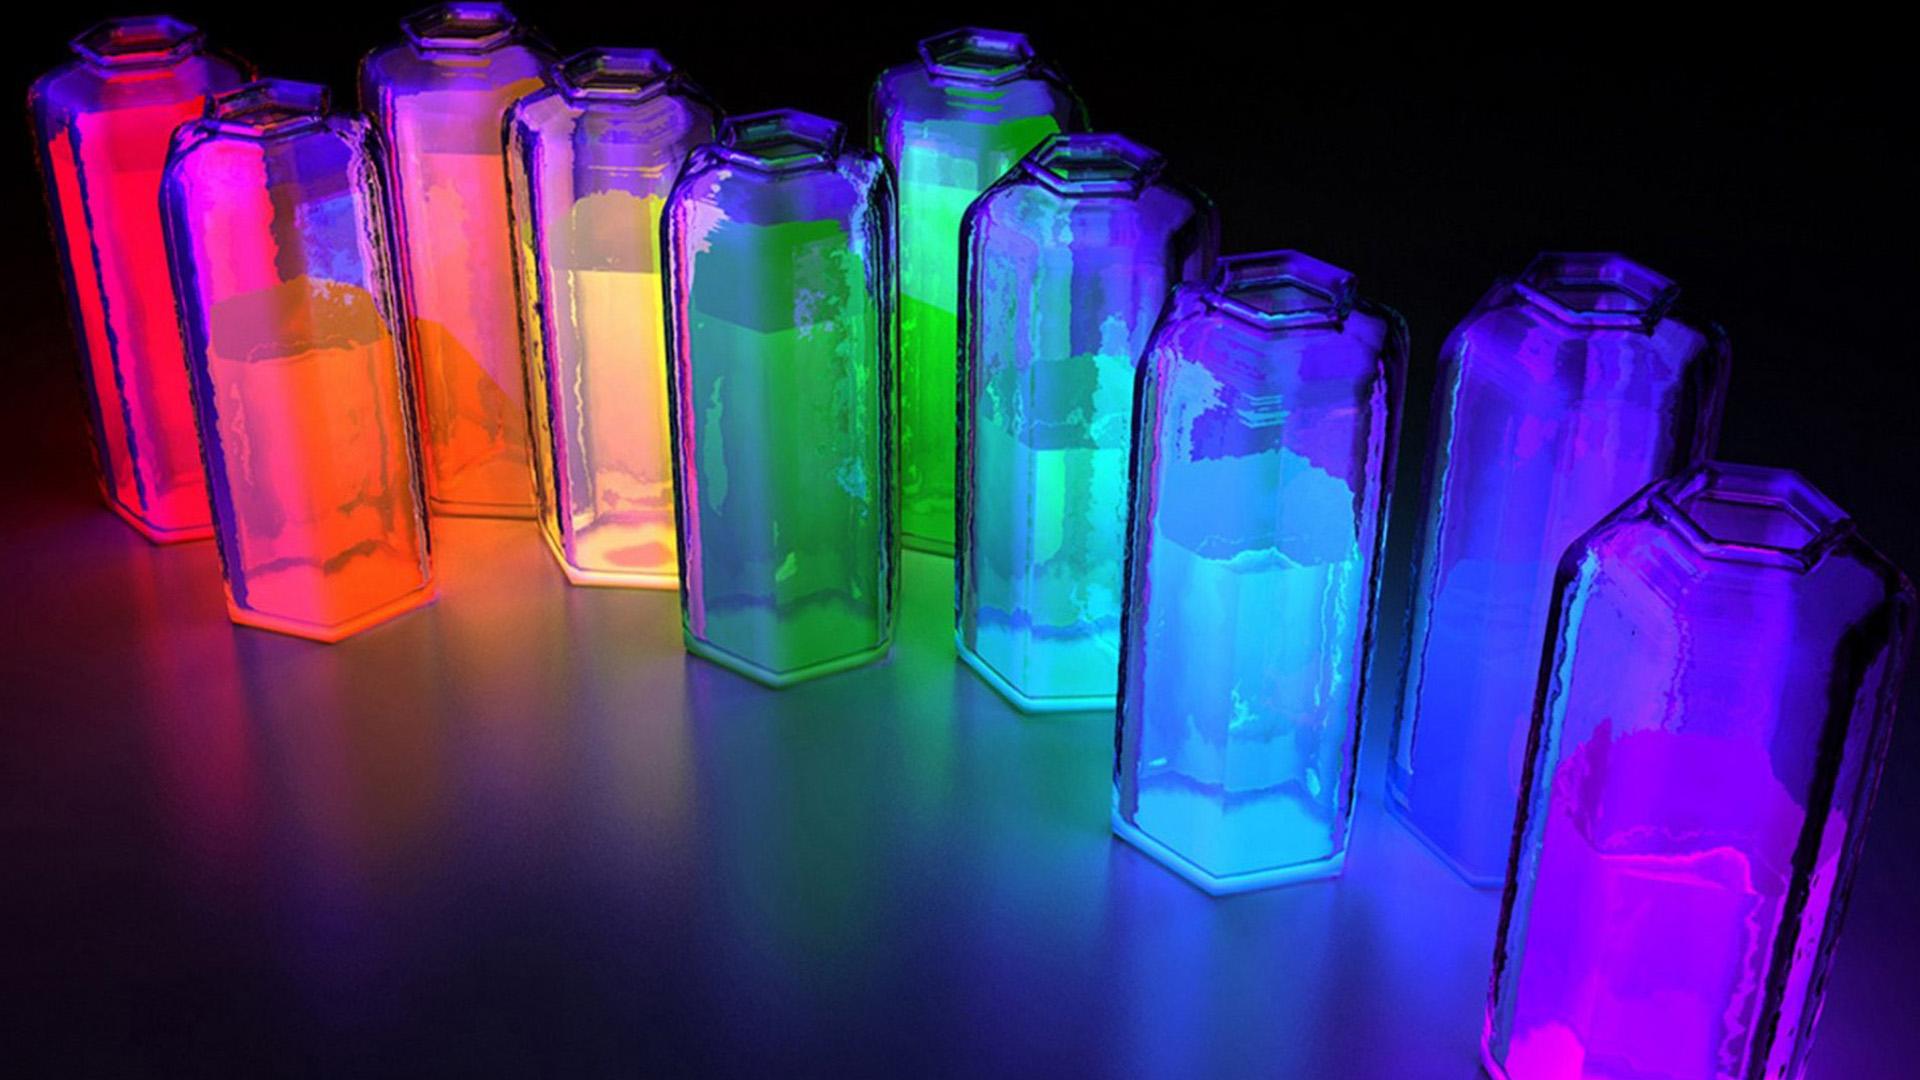 Neon Abstract Wallpapers HD 10 Desktop 1920x1080